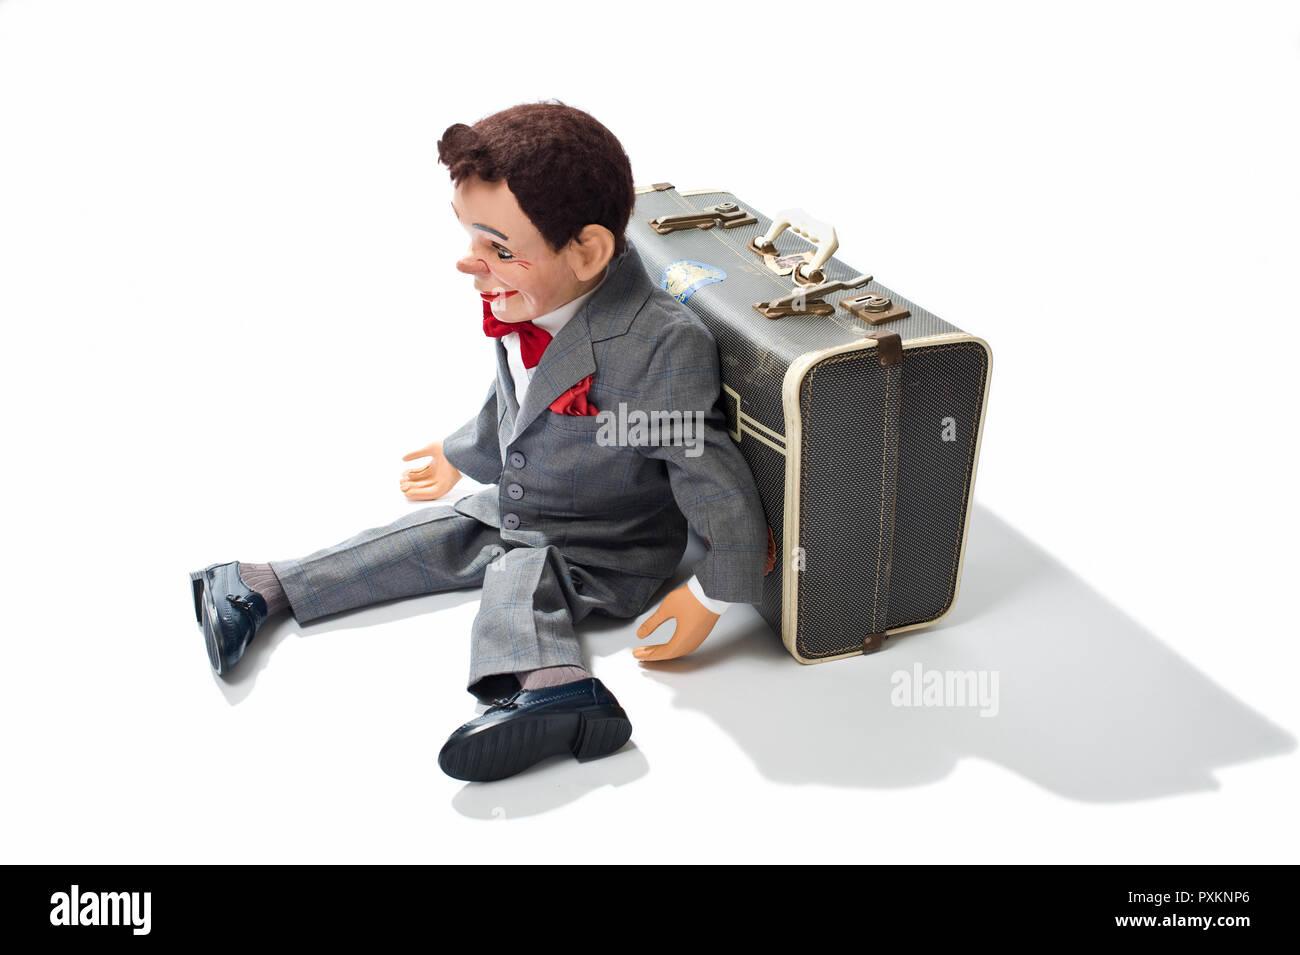 Un mannequin ventriloquiste assis contre une valise Banque D'Images